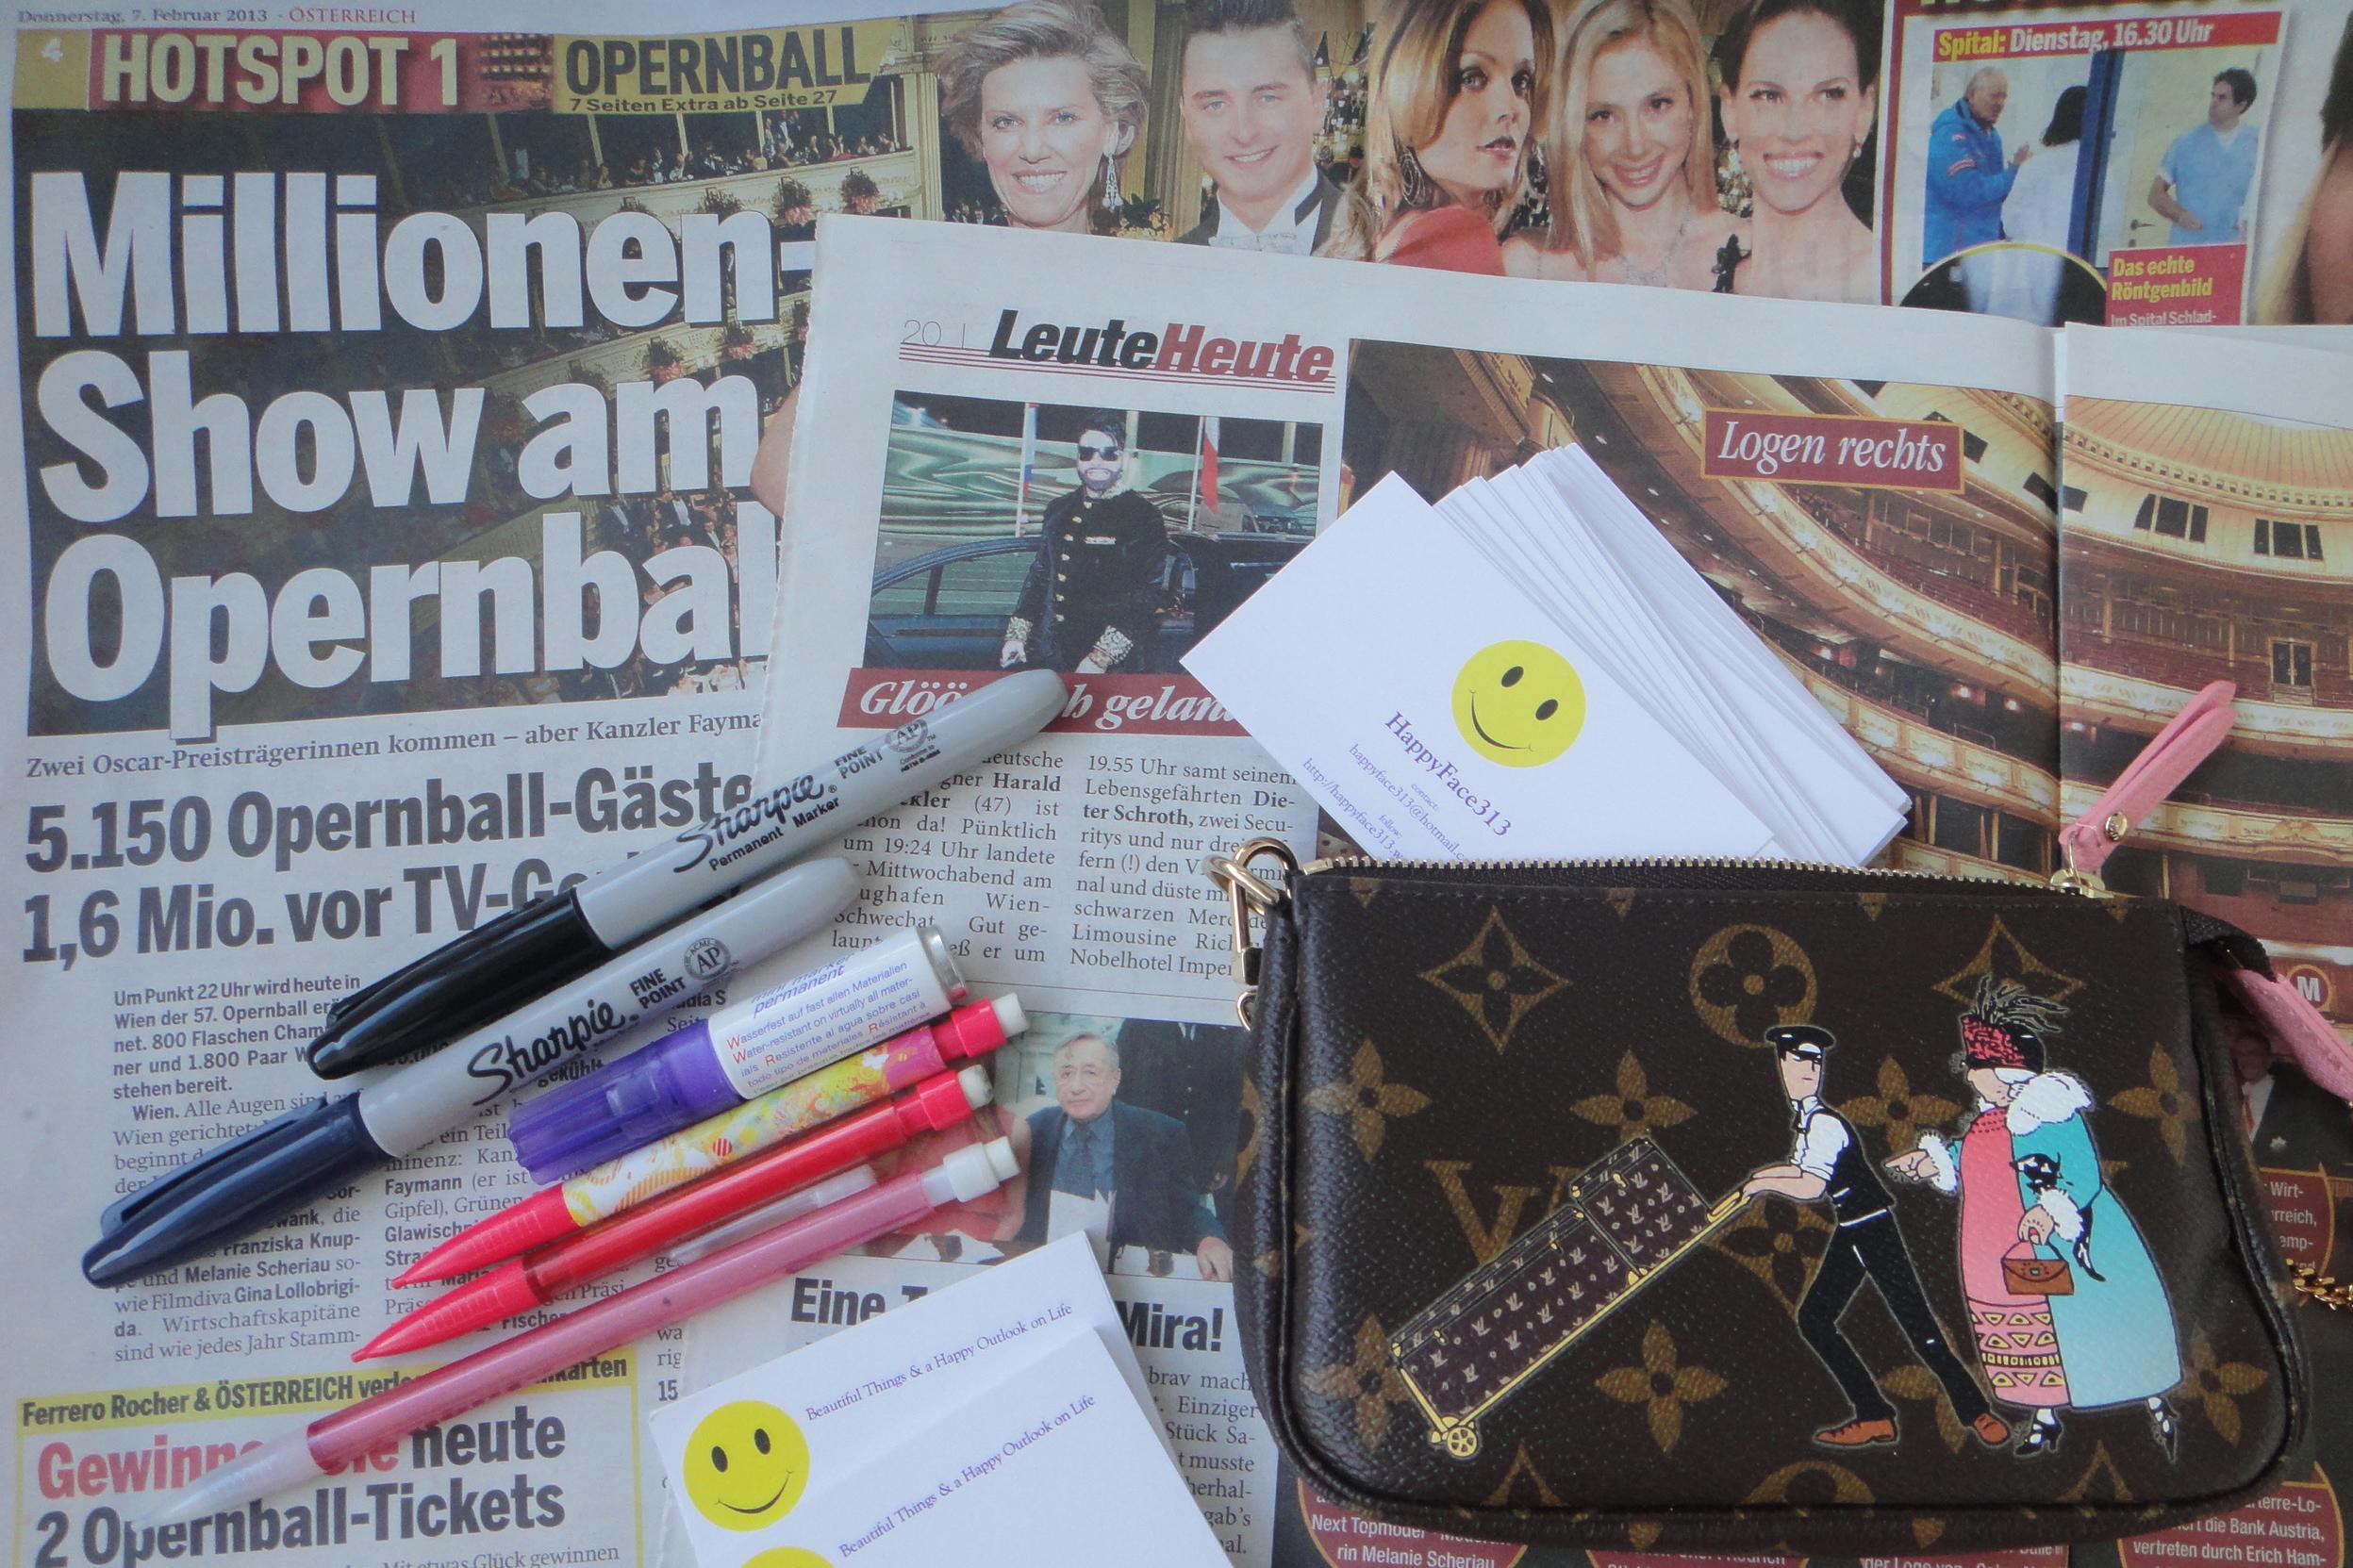 preparing for today's interviews with the debutantes / Vorbereitungen für die heutigen Gespräche mit den DebütantenInnen